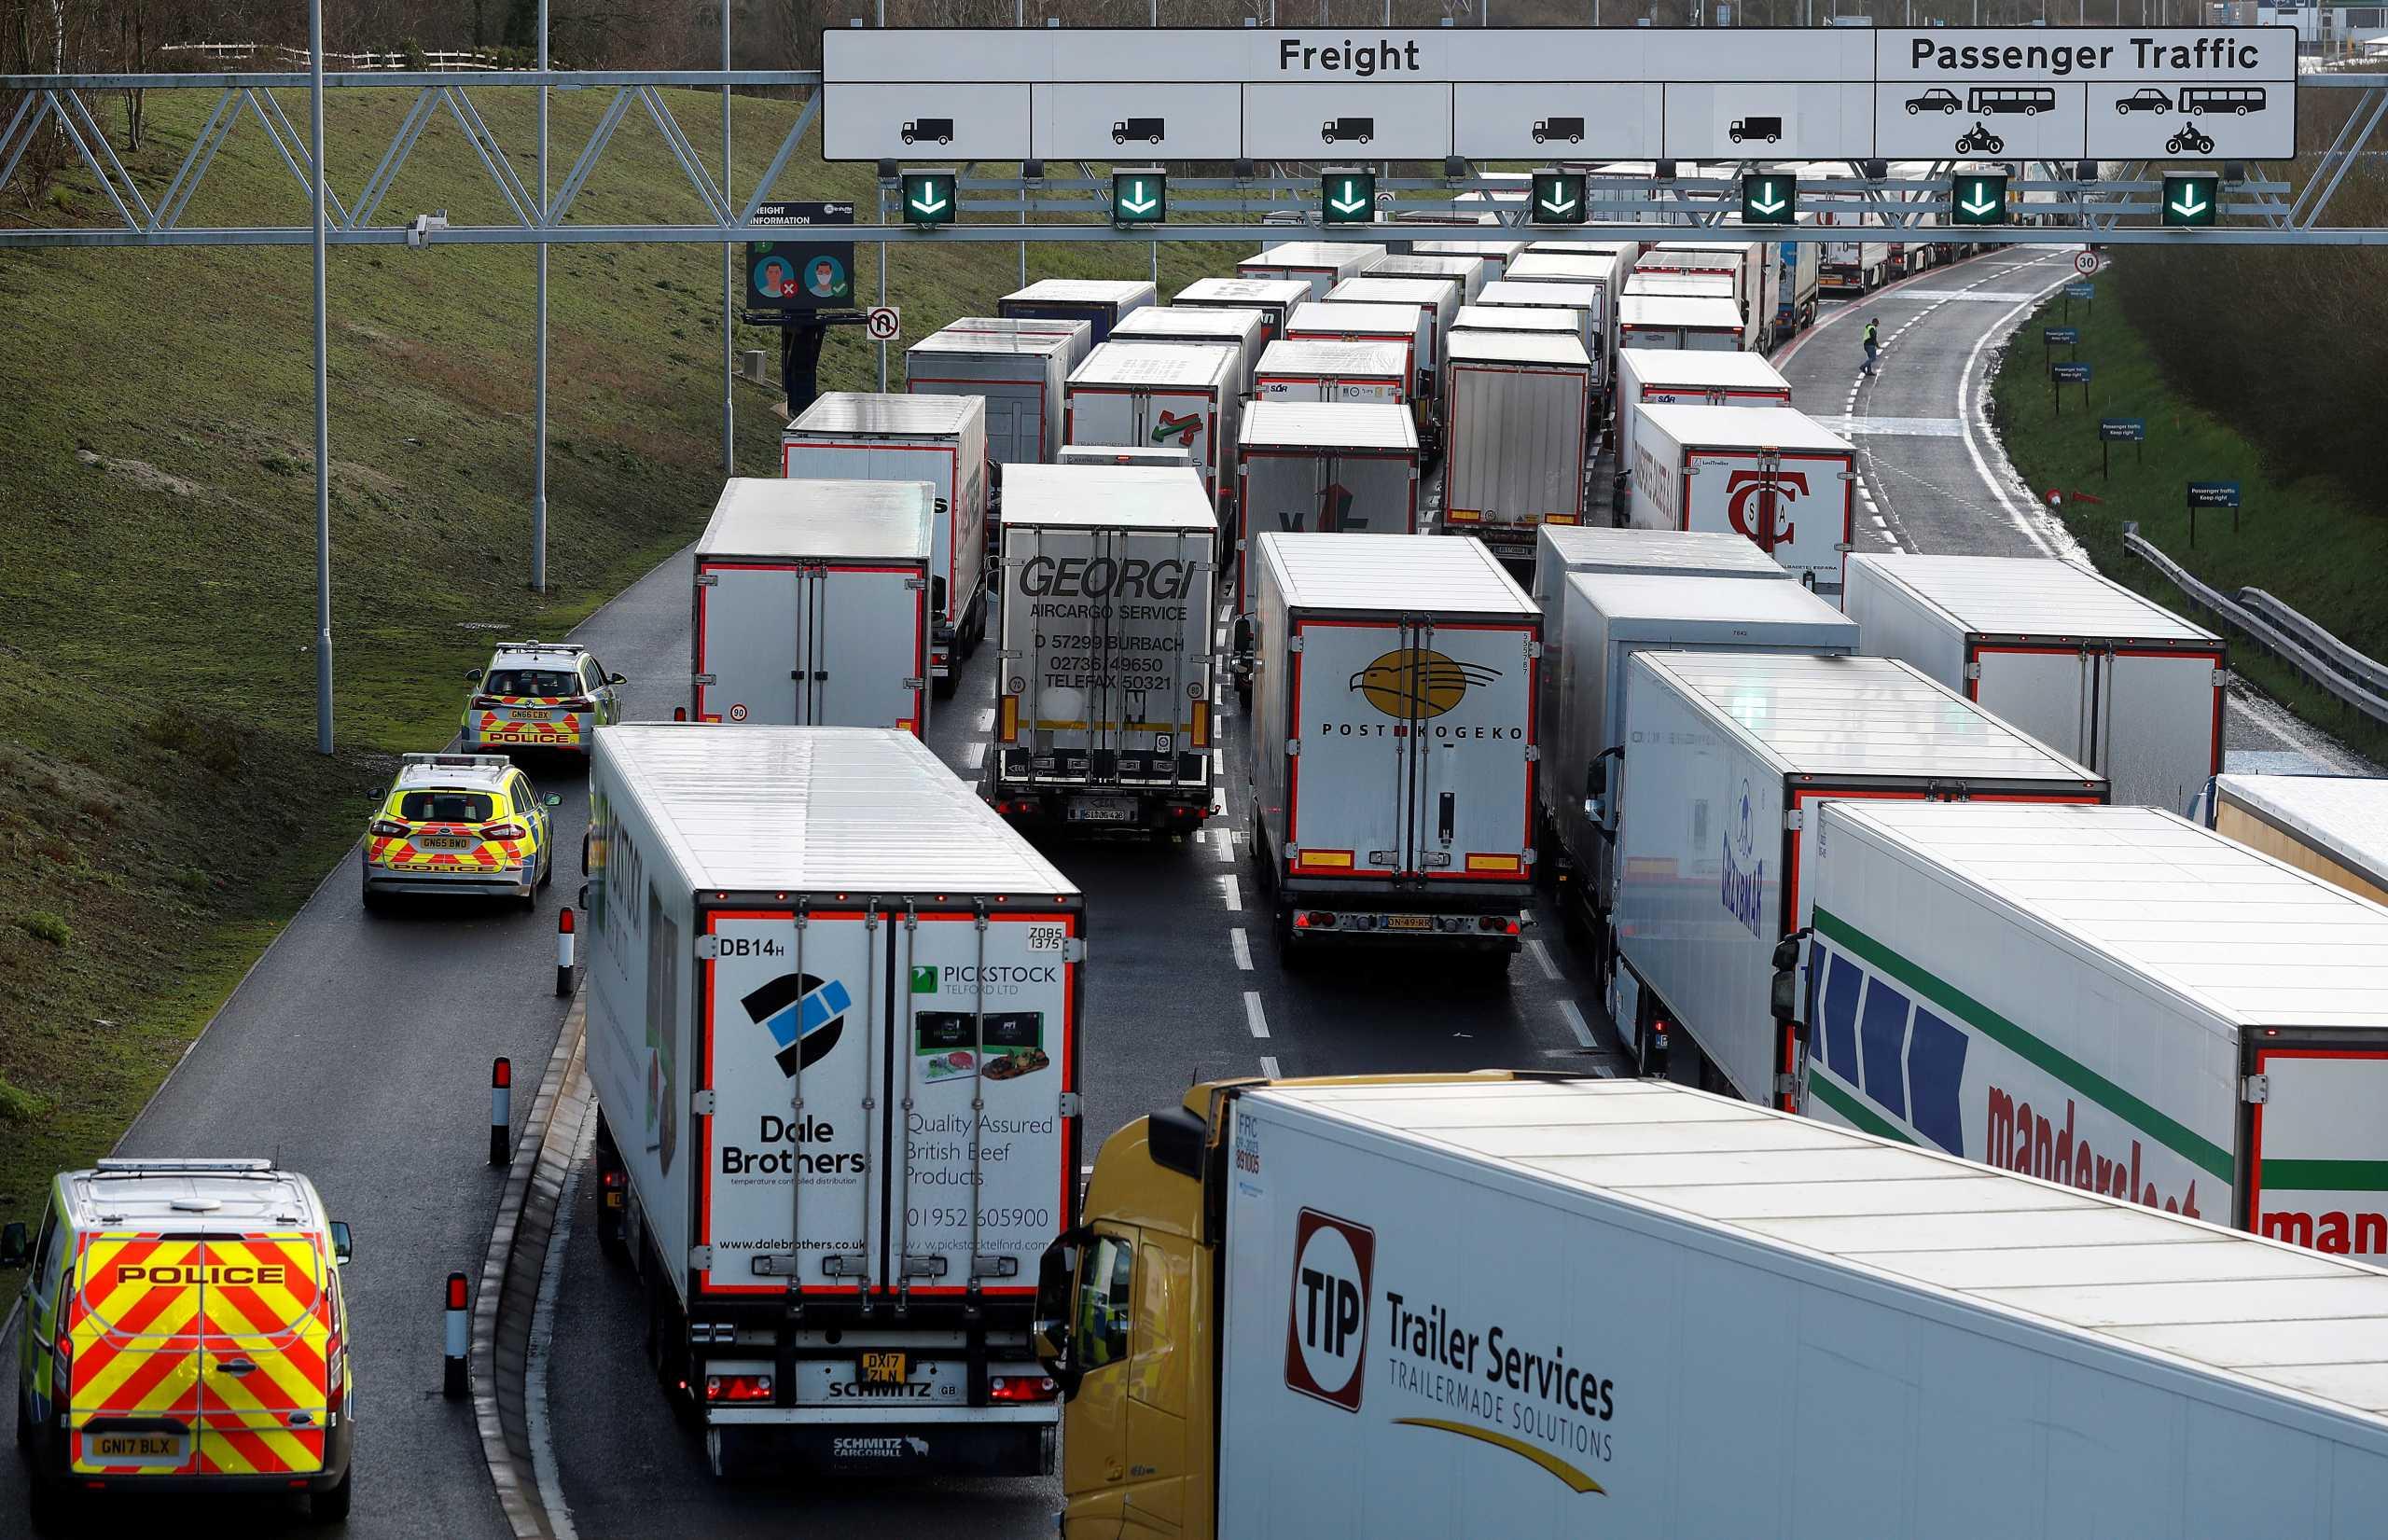 Μετάλλαξη κορονοϊού – Γαλλία: Κλείσιμο συνόρων με τη Βρετανία εισηγείται επιδημιολόγος